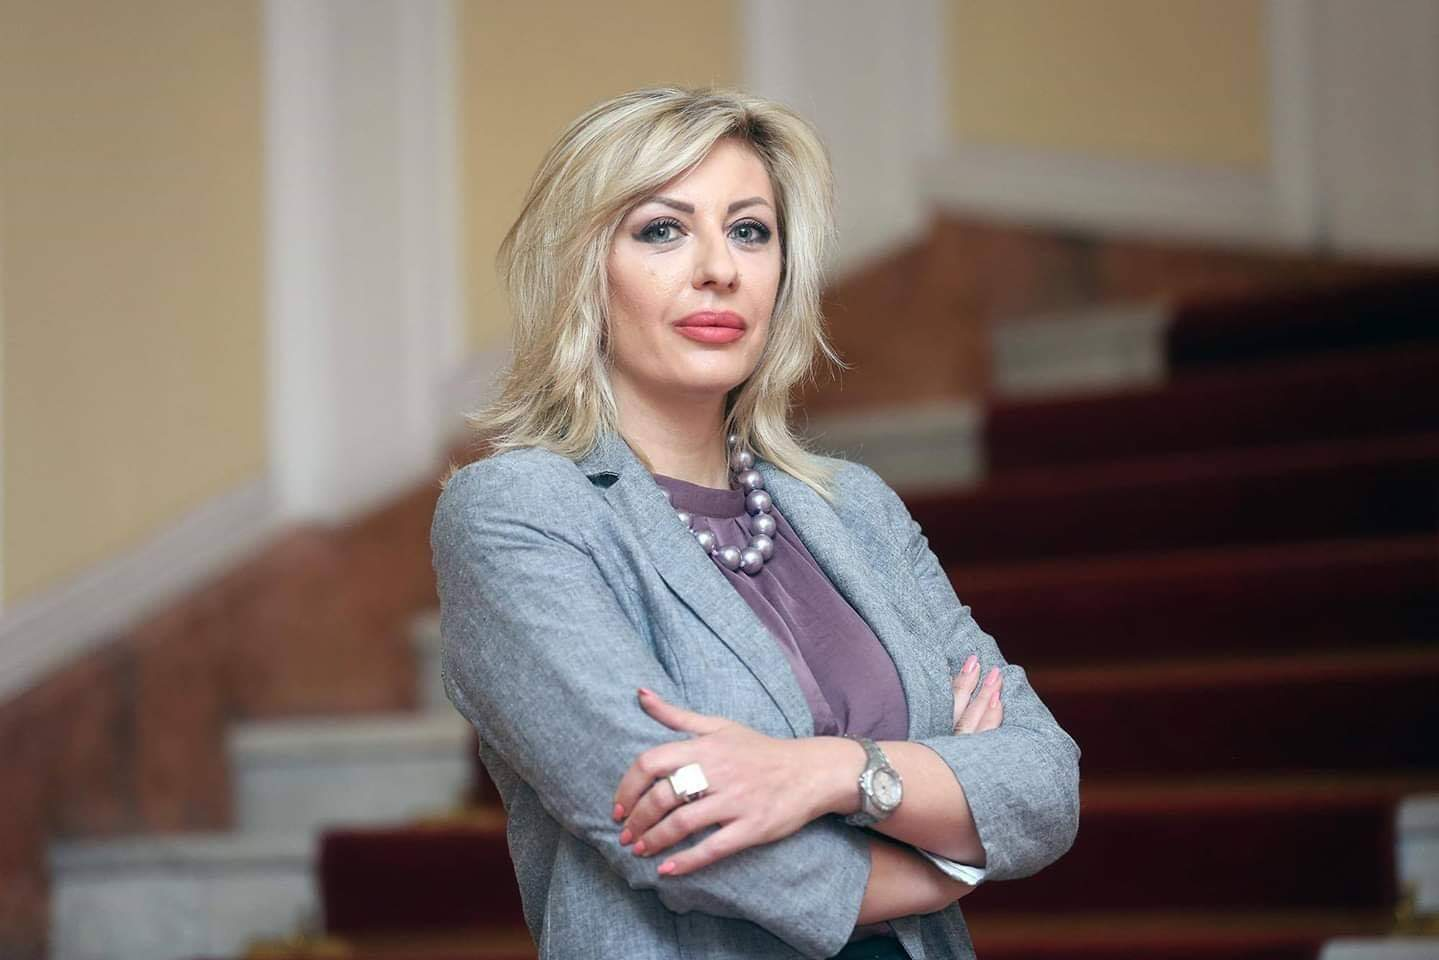 Ј. Јоксимовић: Важни разговори и поруке у правом тренутку